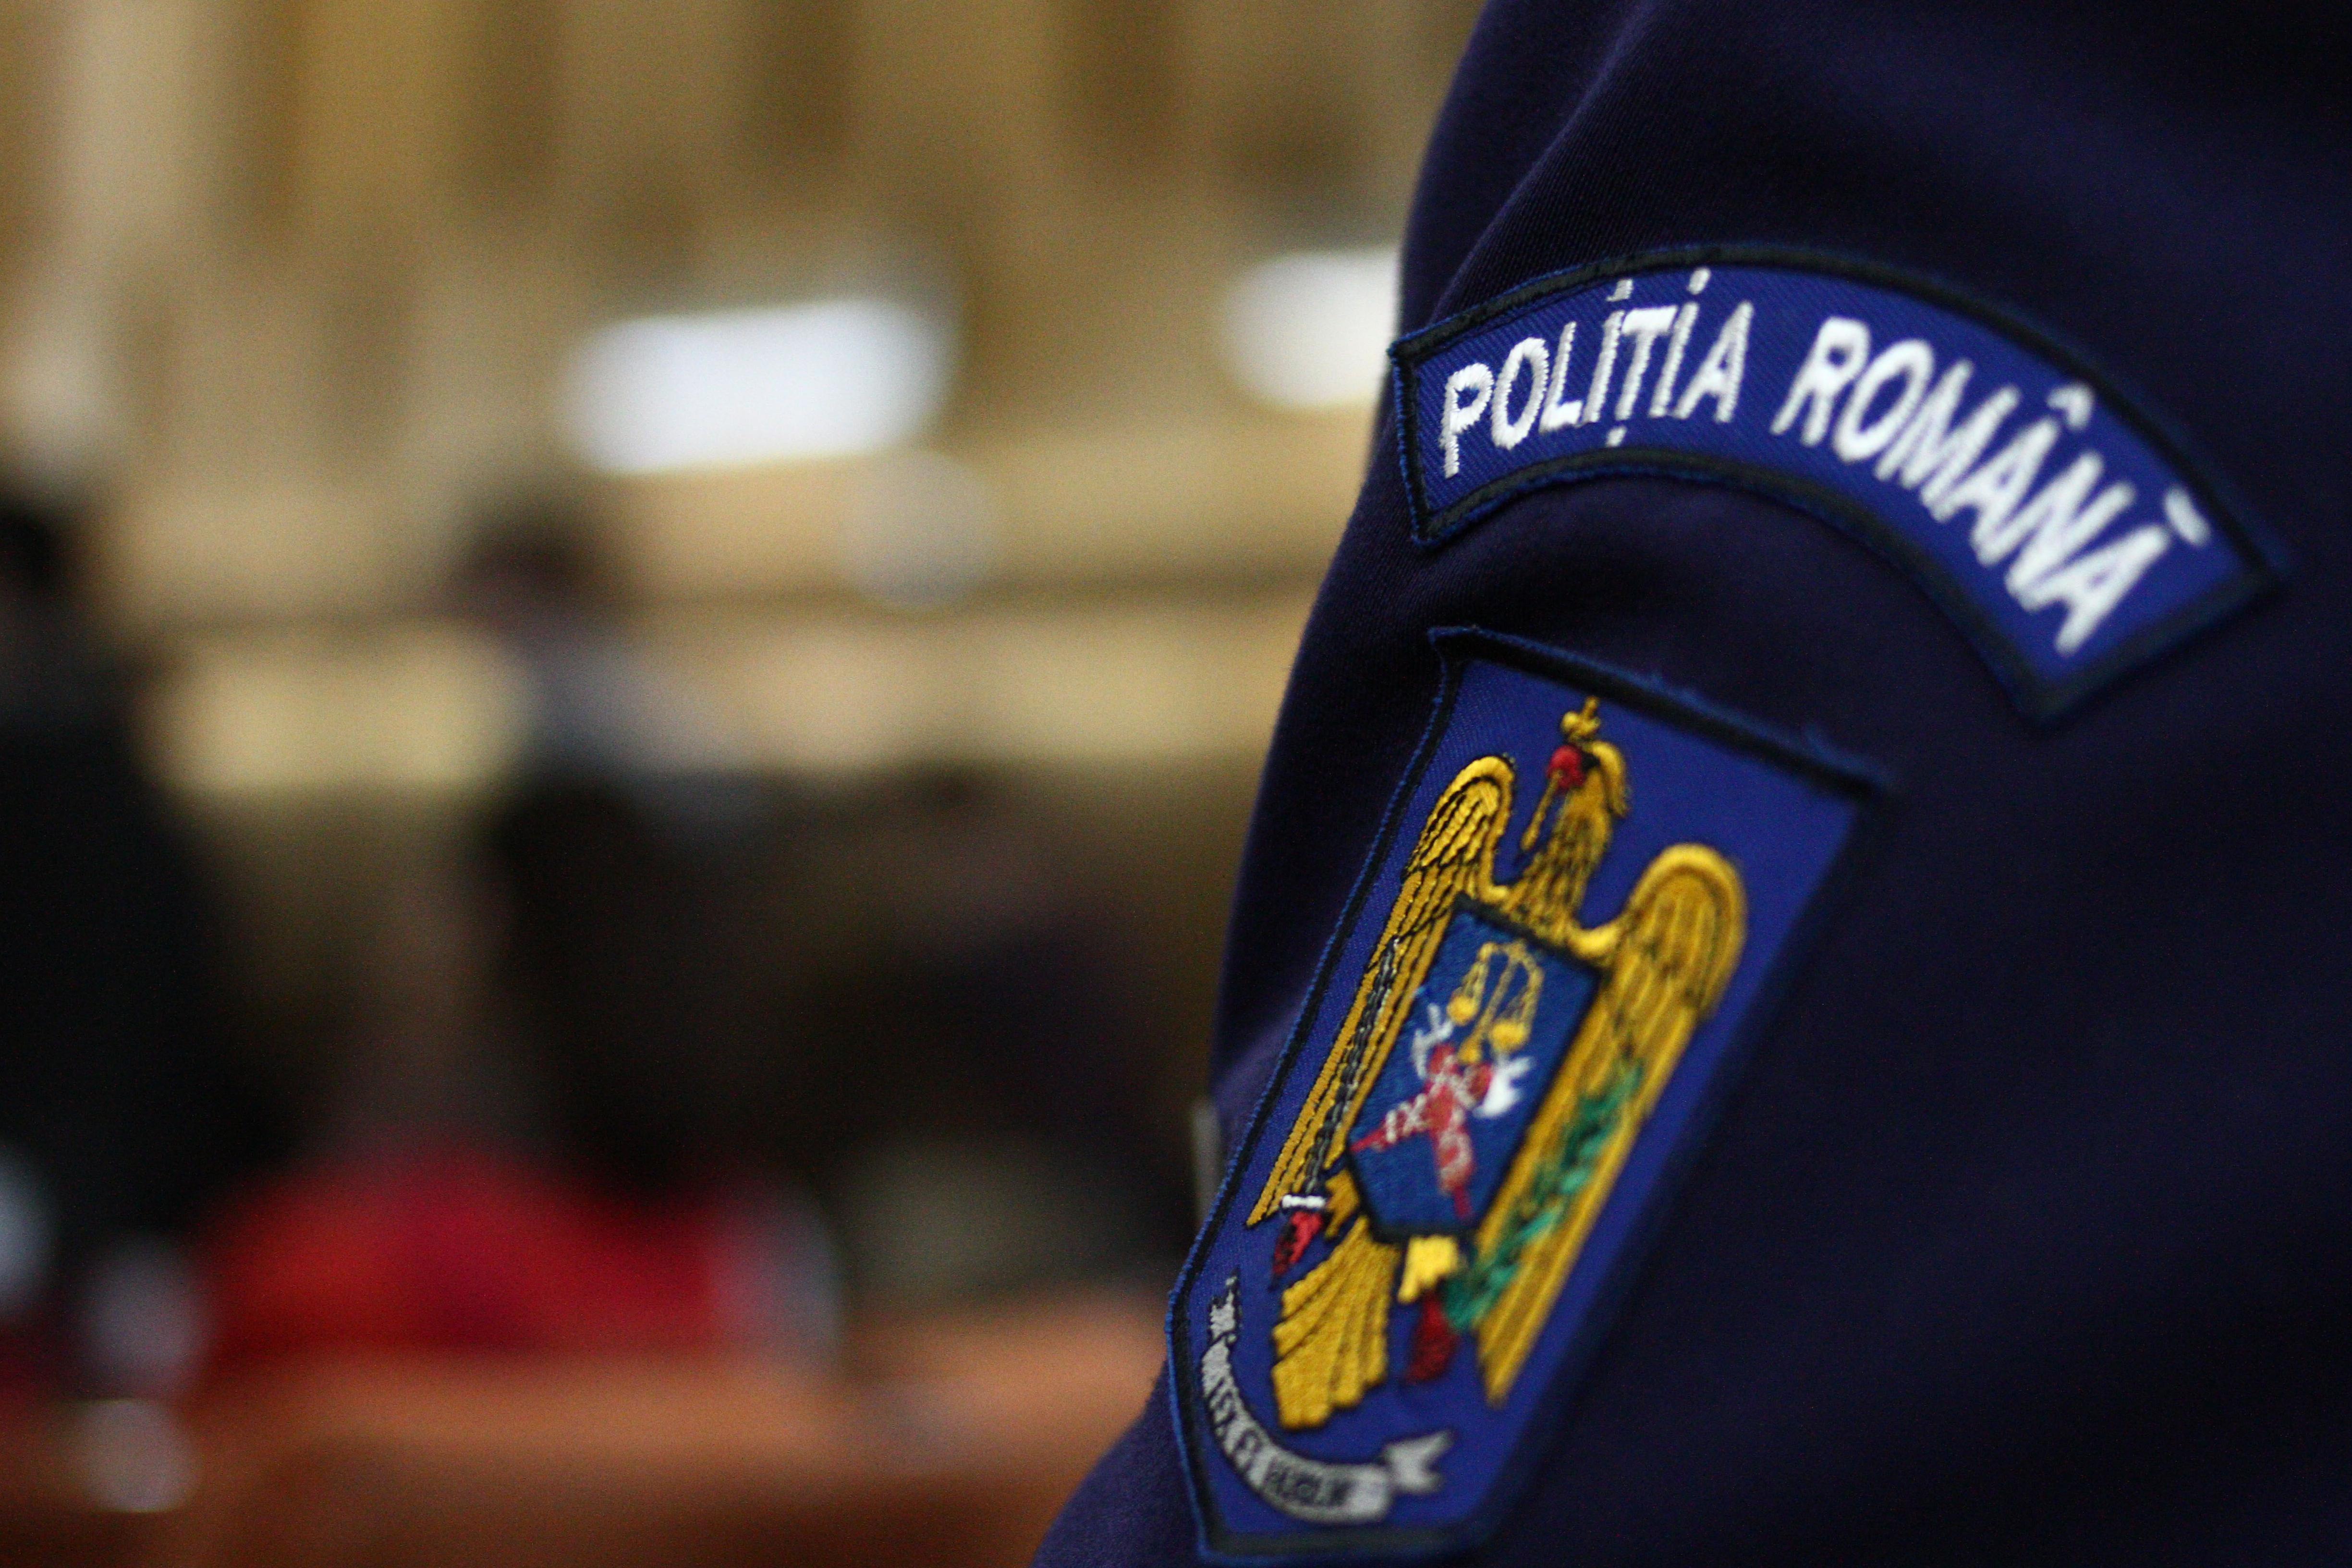 Anchetă la Poliţia din Arad, după ce un poliţist ar fi bătut o femeie pentru că nu purta mască